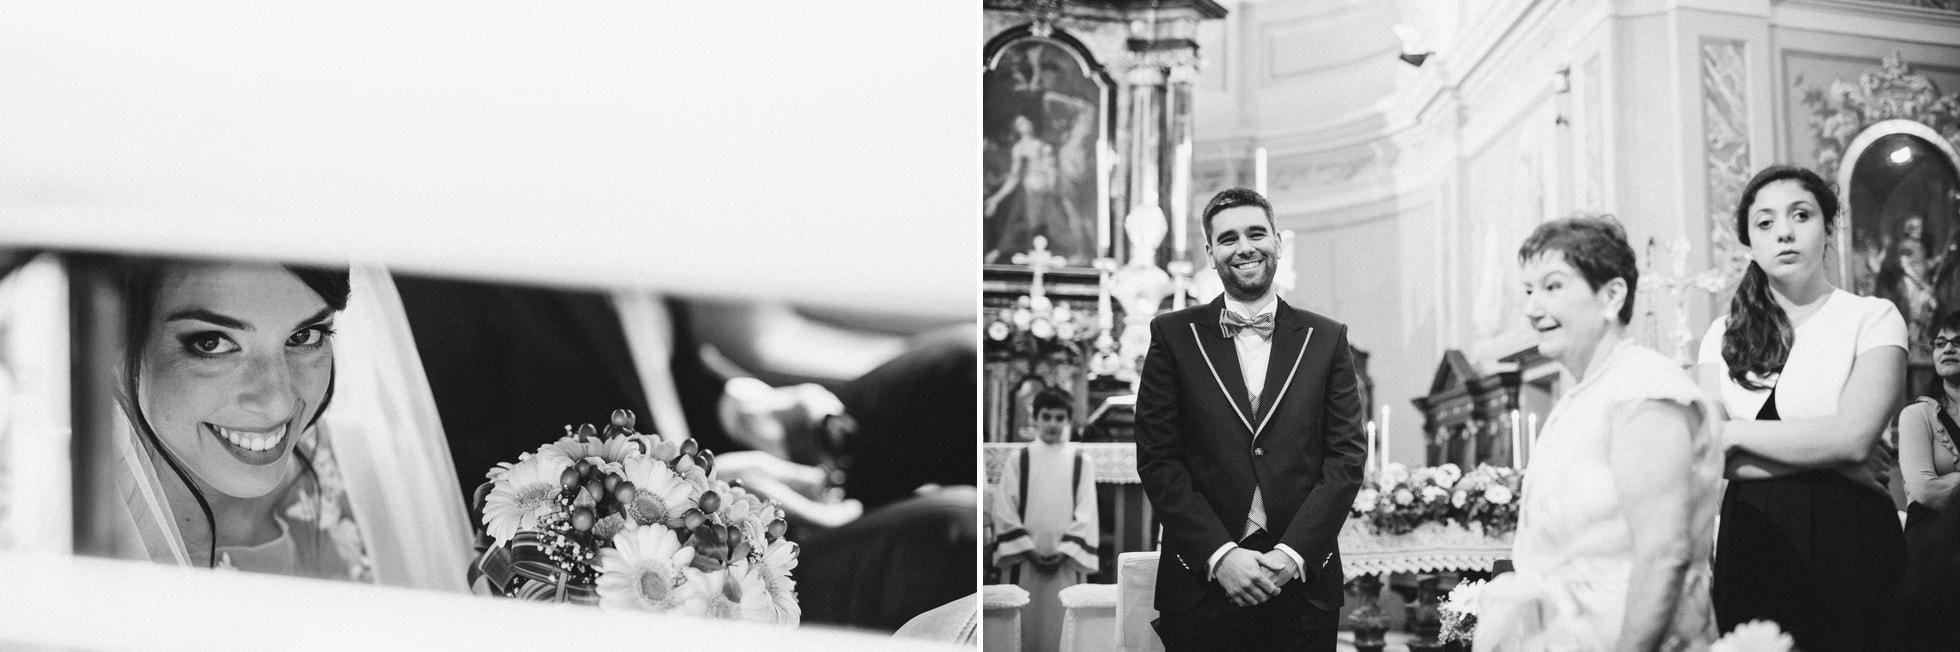 fotografo matrimonio valvarrone